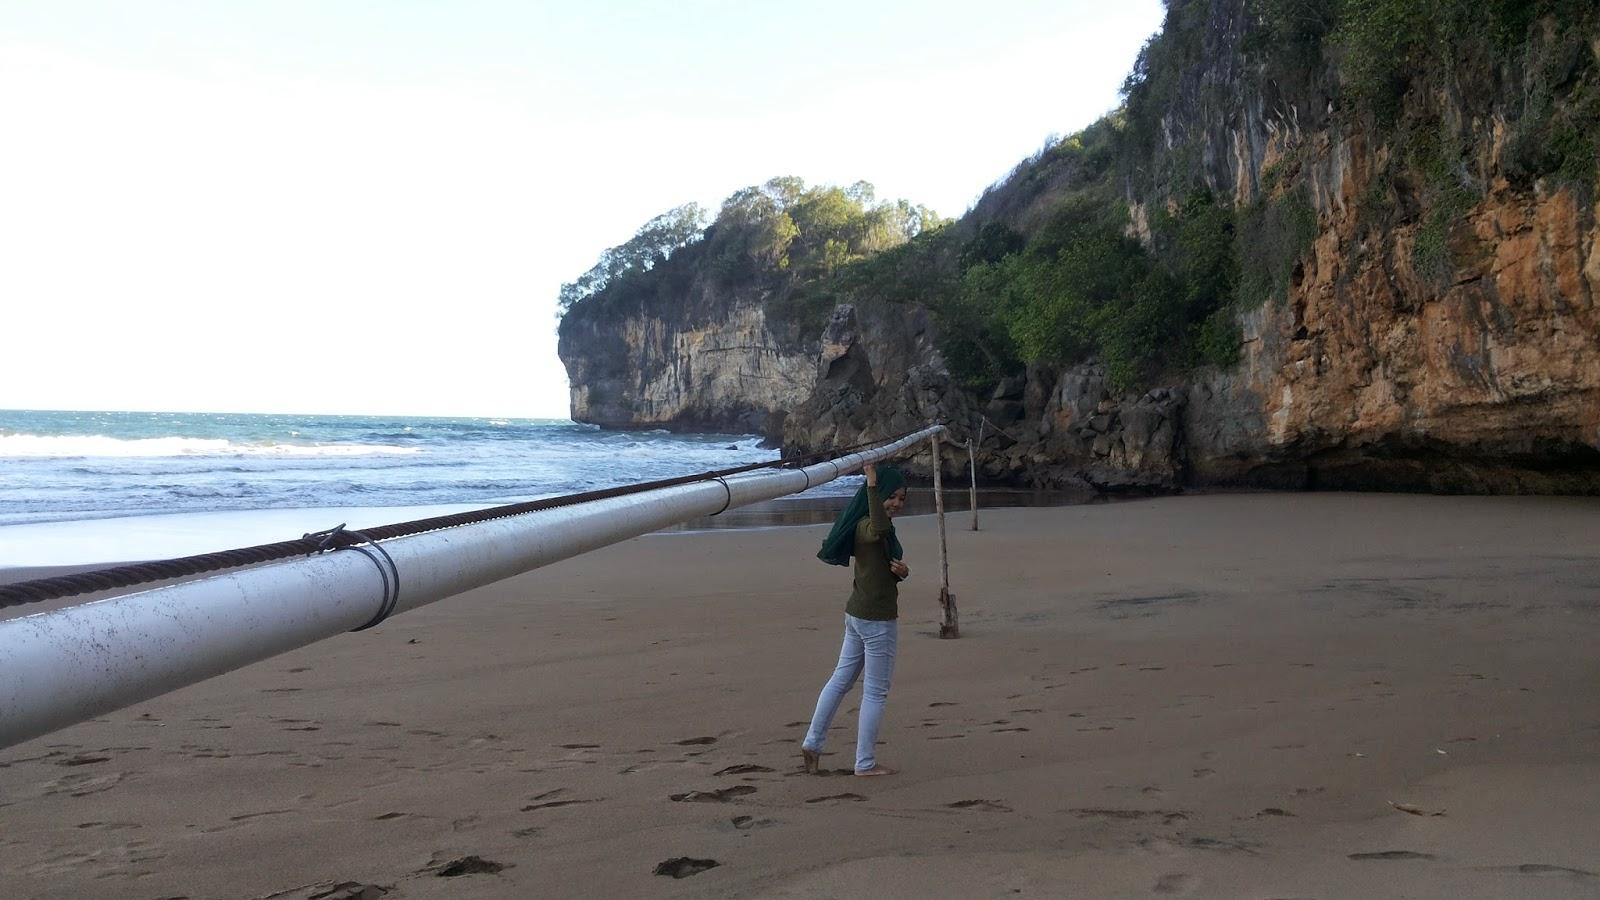 Shellasun Pantai Taman Flyingfox Terpanjang Di Indonesia